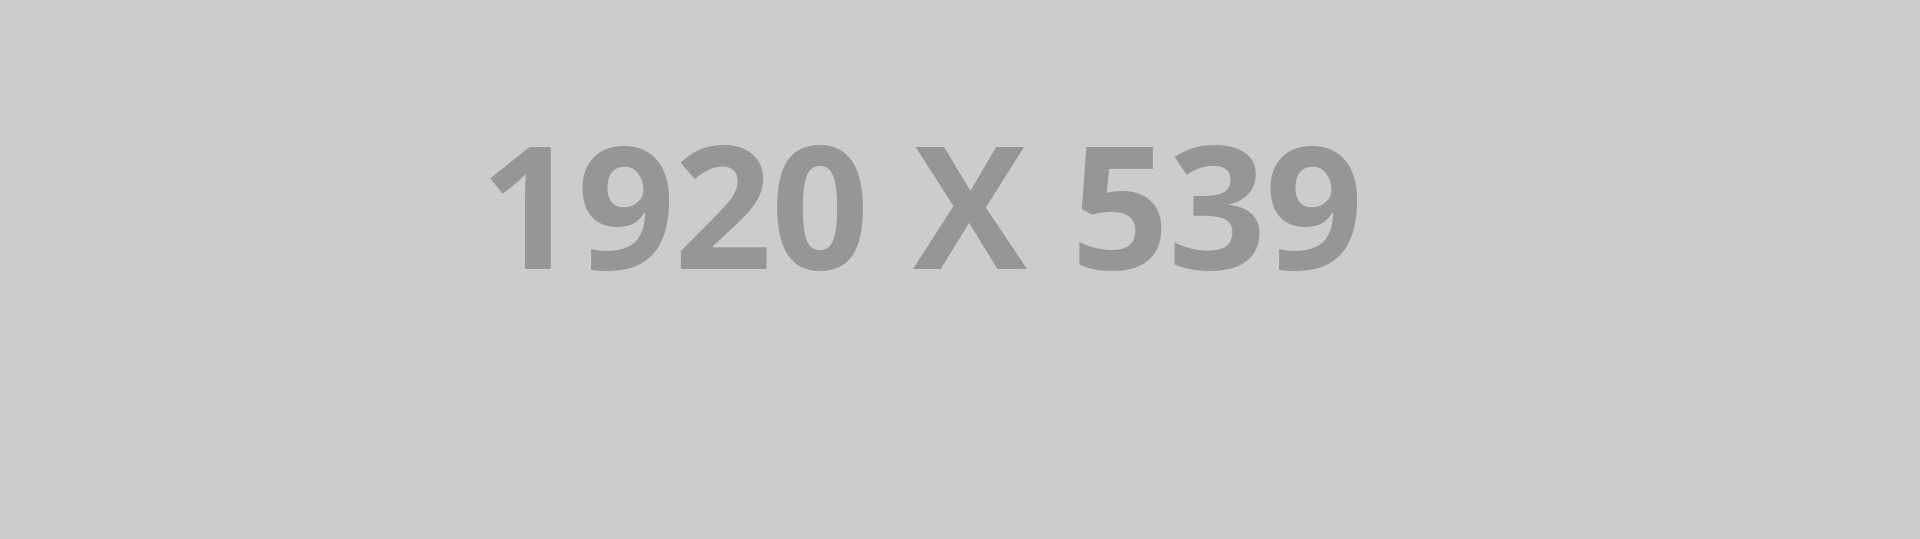 1920x539-ph